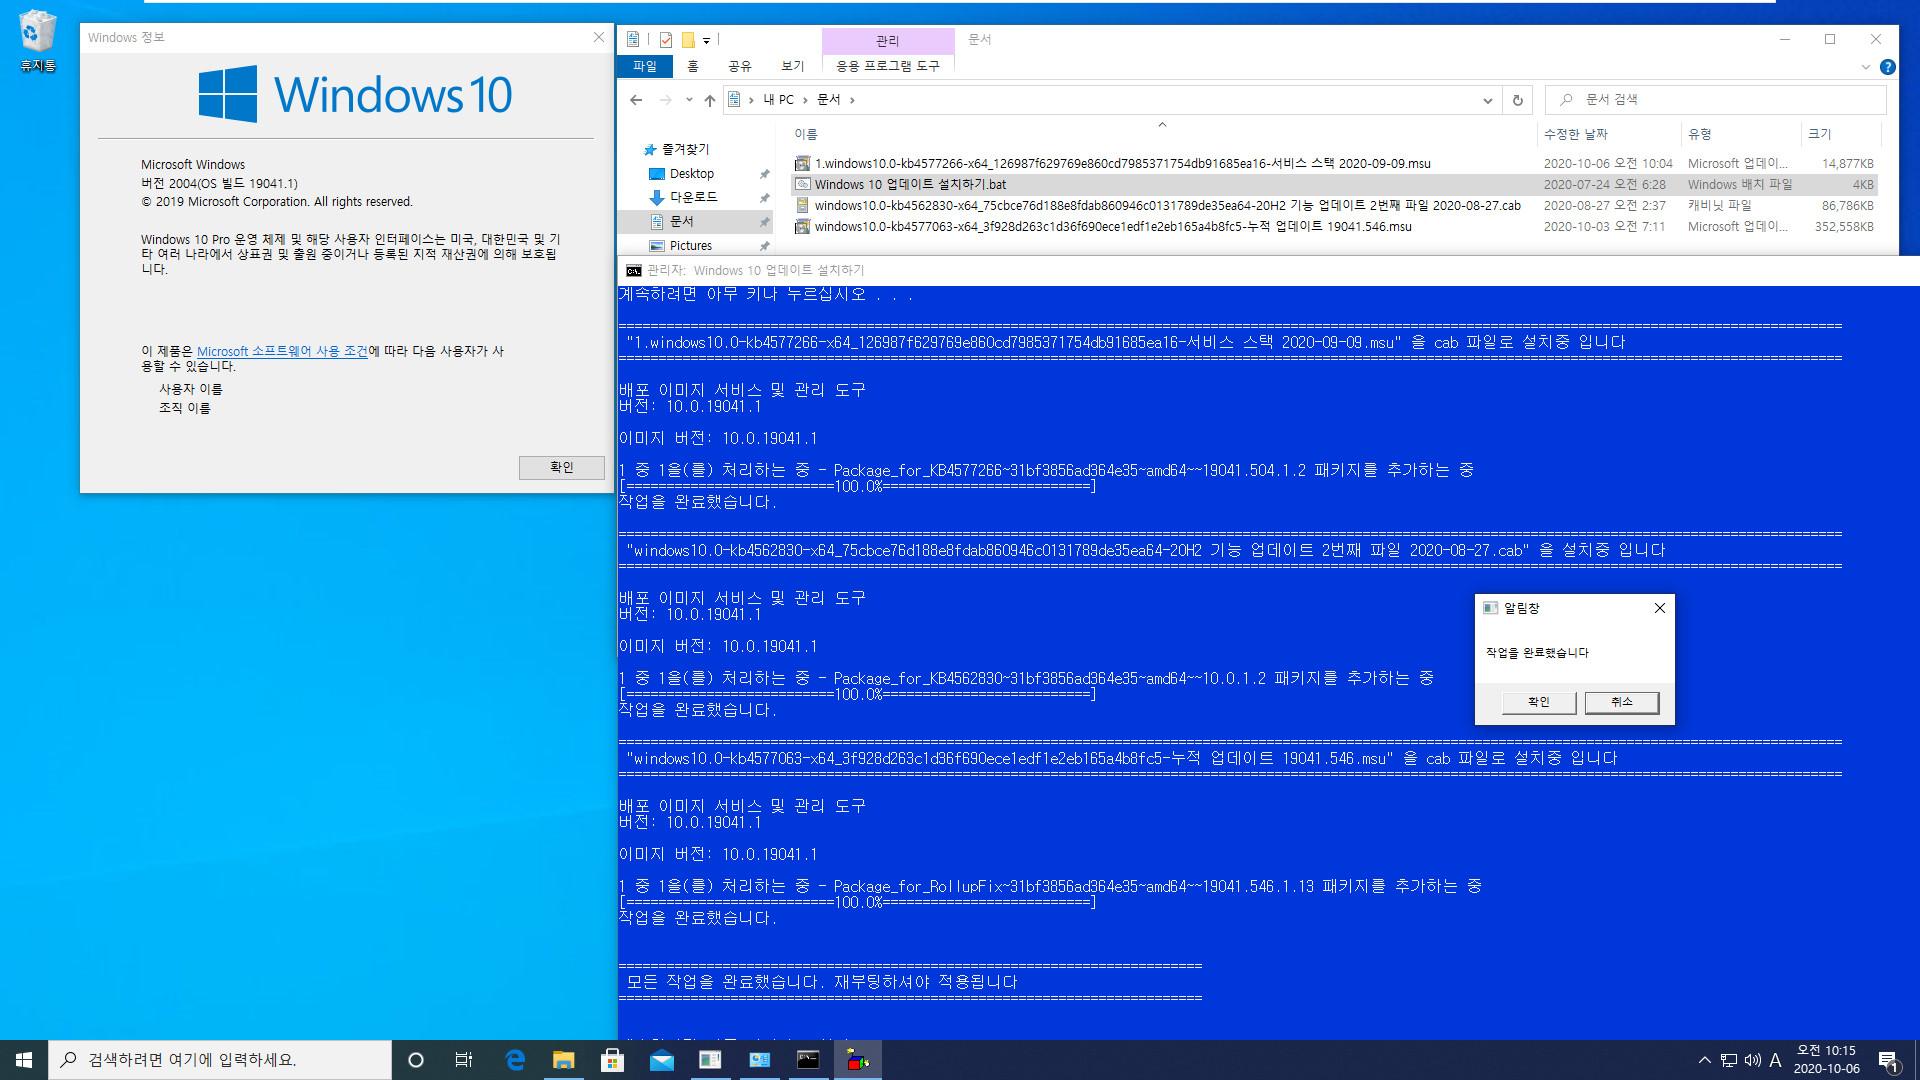 버전 2004 (20H1)에서 버전 2009 (20H2) 업그레이드하기 - 누적 업데이트와 서비스 스택이 설치되어 있지 않은 경우, 오류없이 한번에 업그레이드 설치하기 2020-10-06_101556.jpg